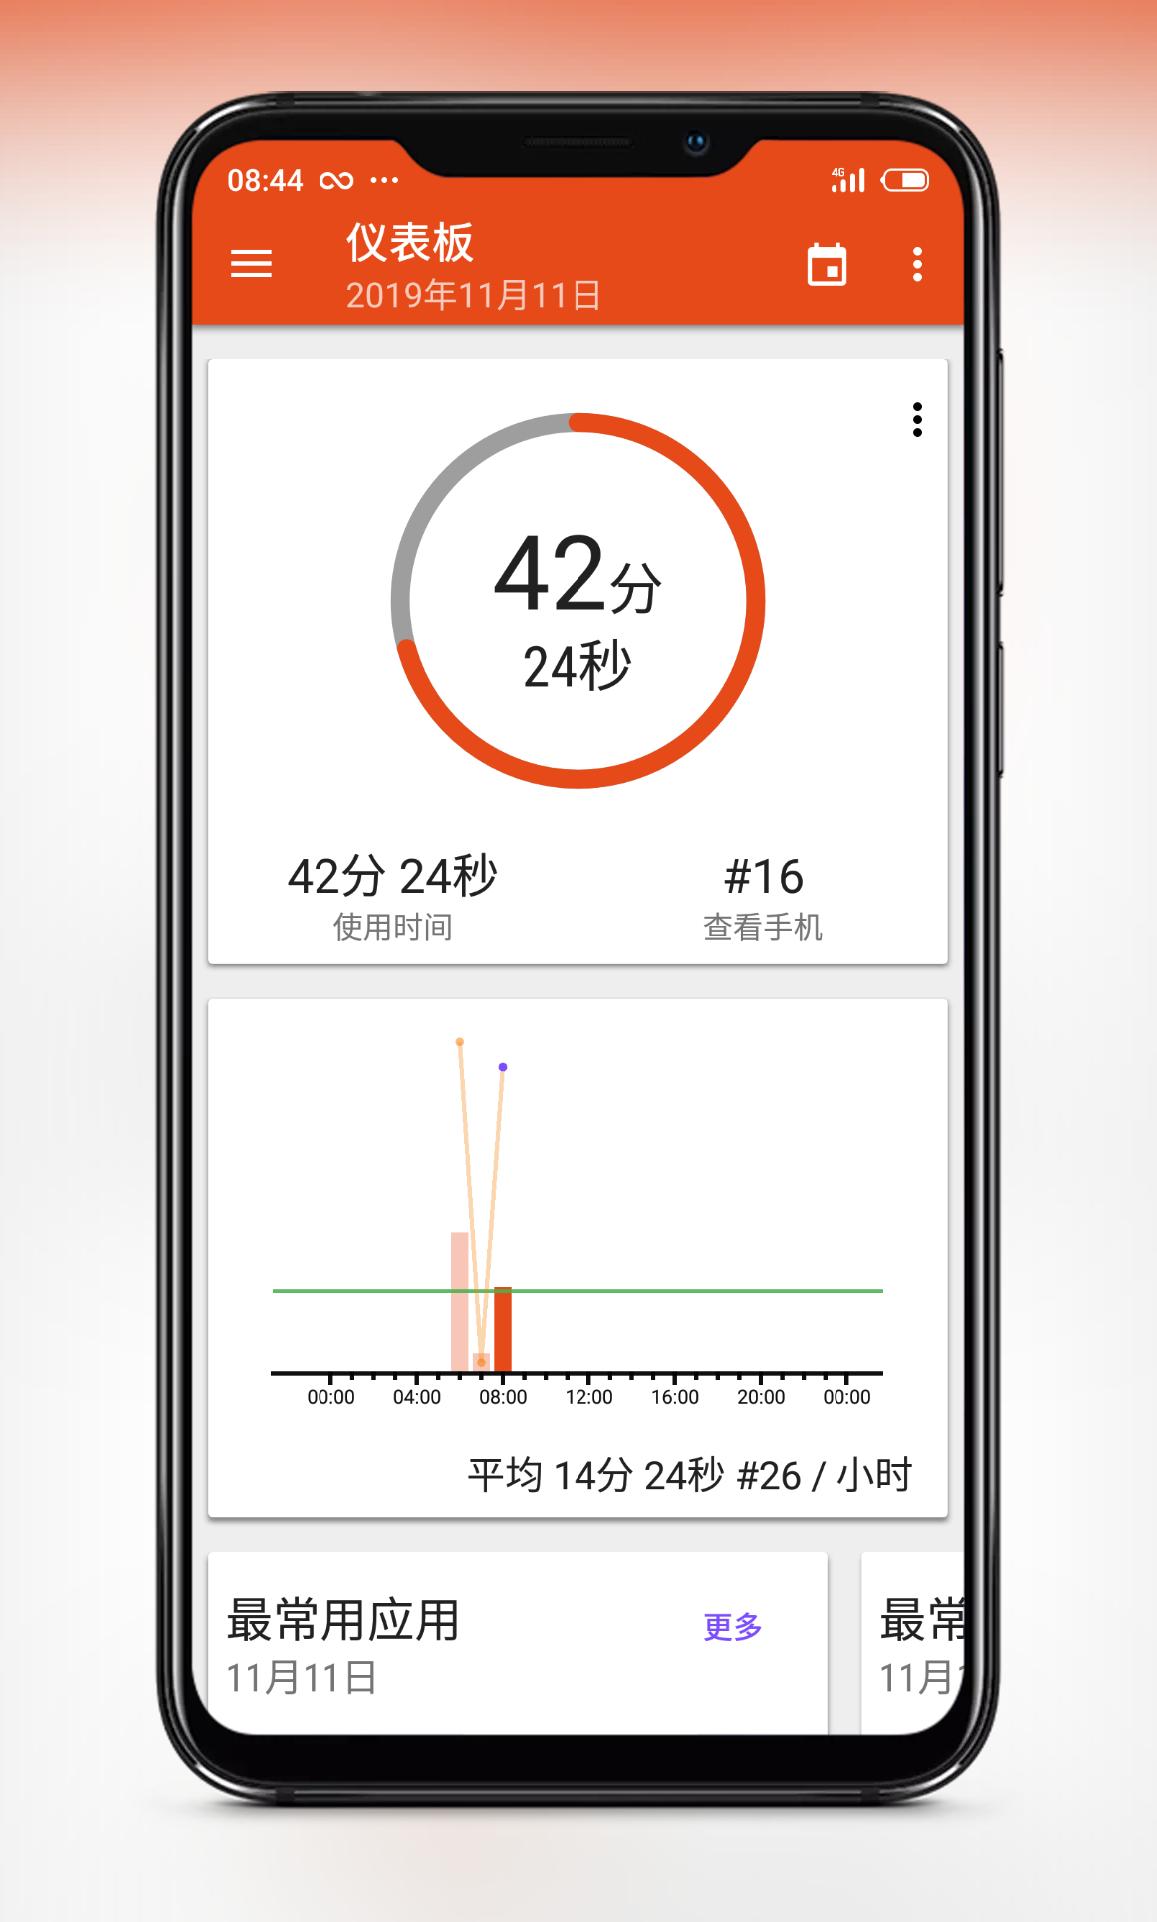 【考核】APP运行记录仪v4.89_付费版-爱小助